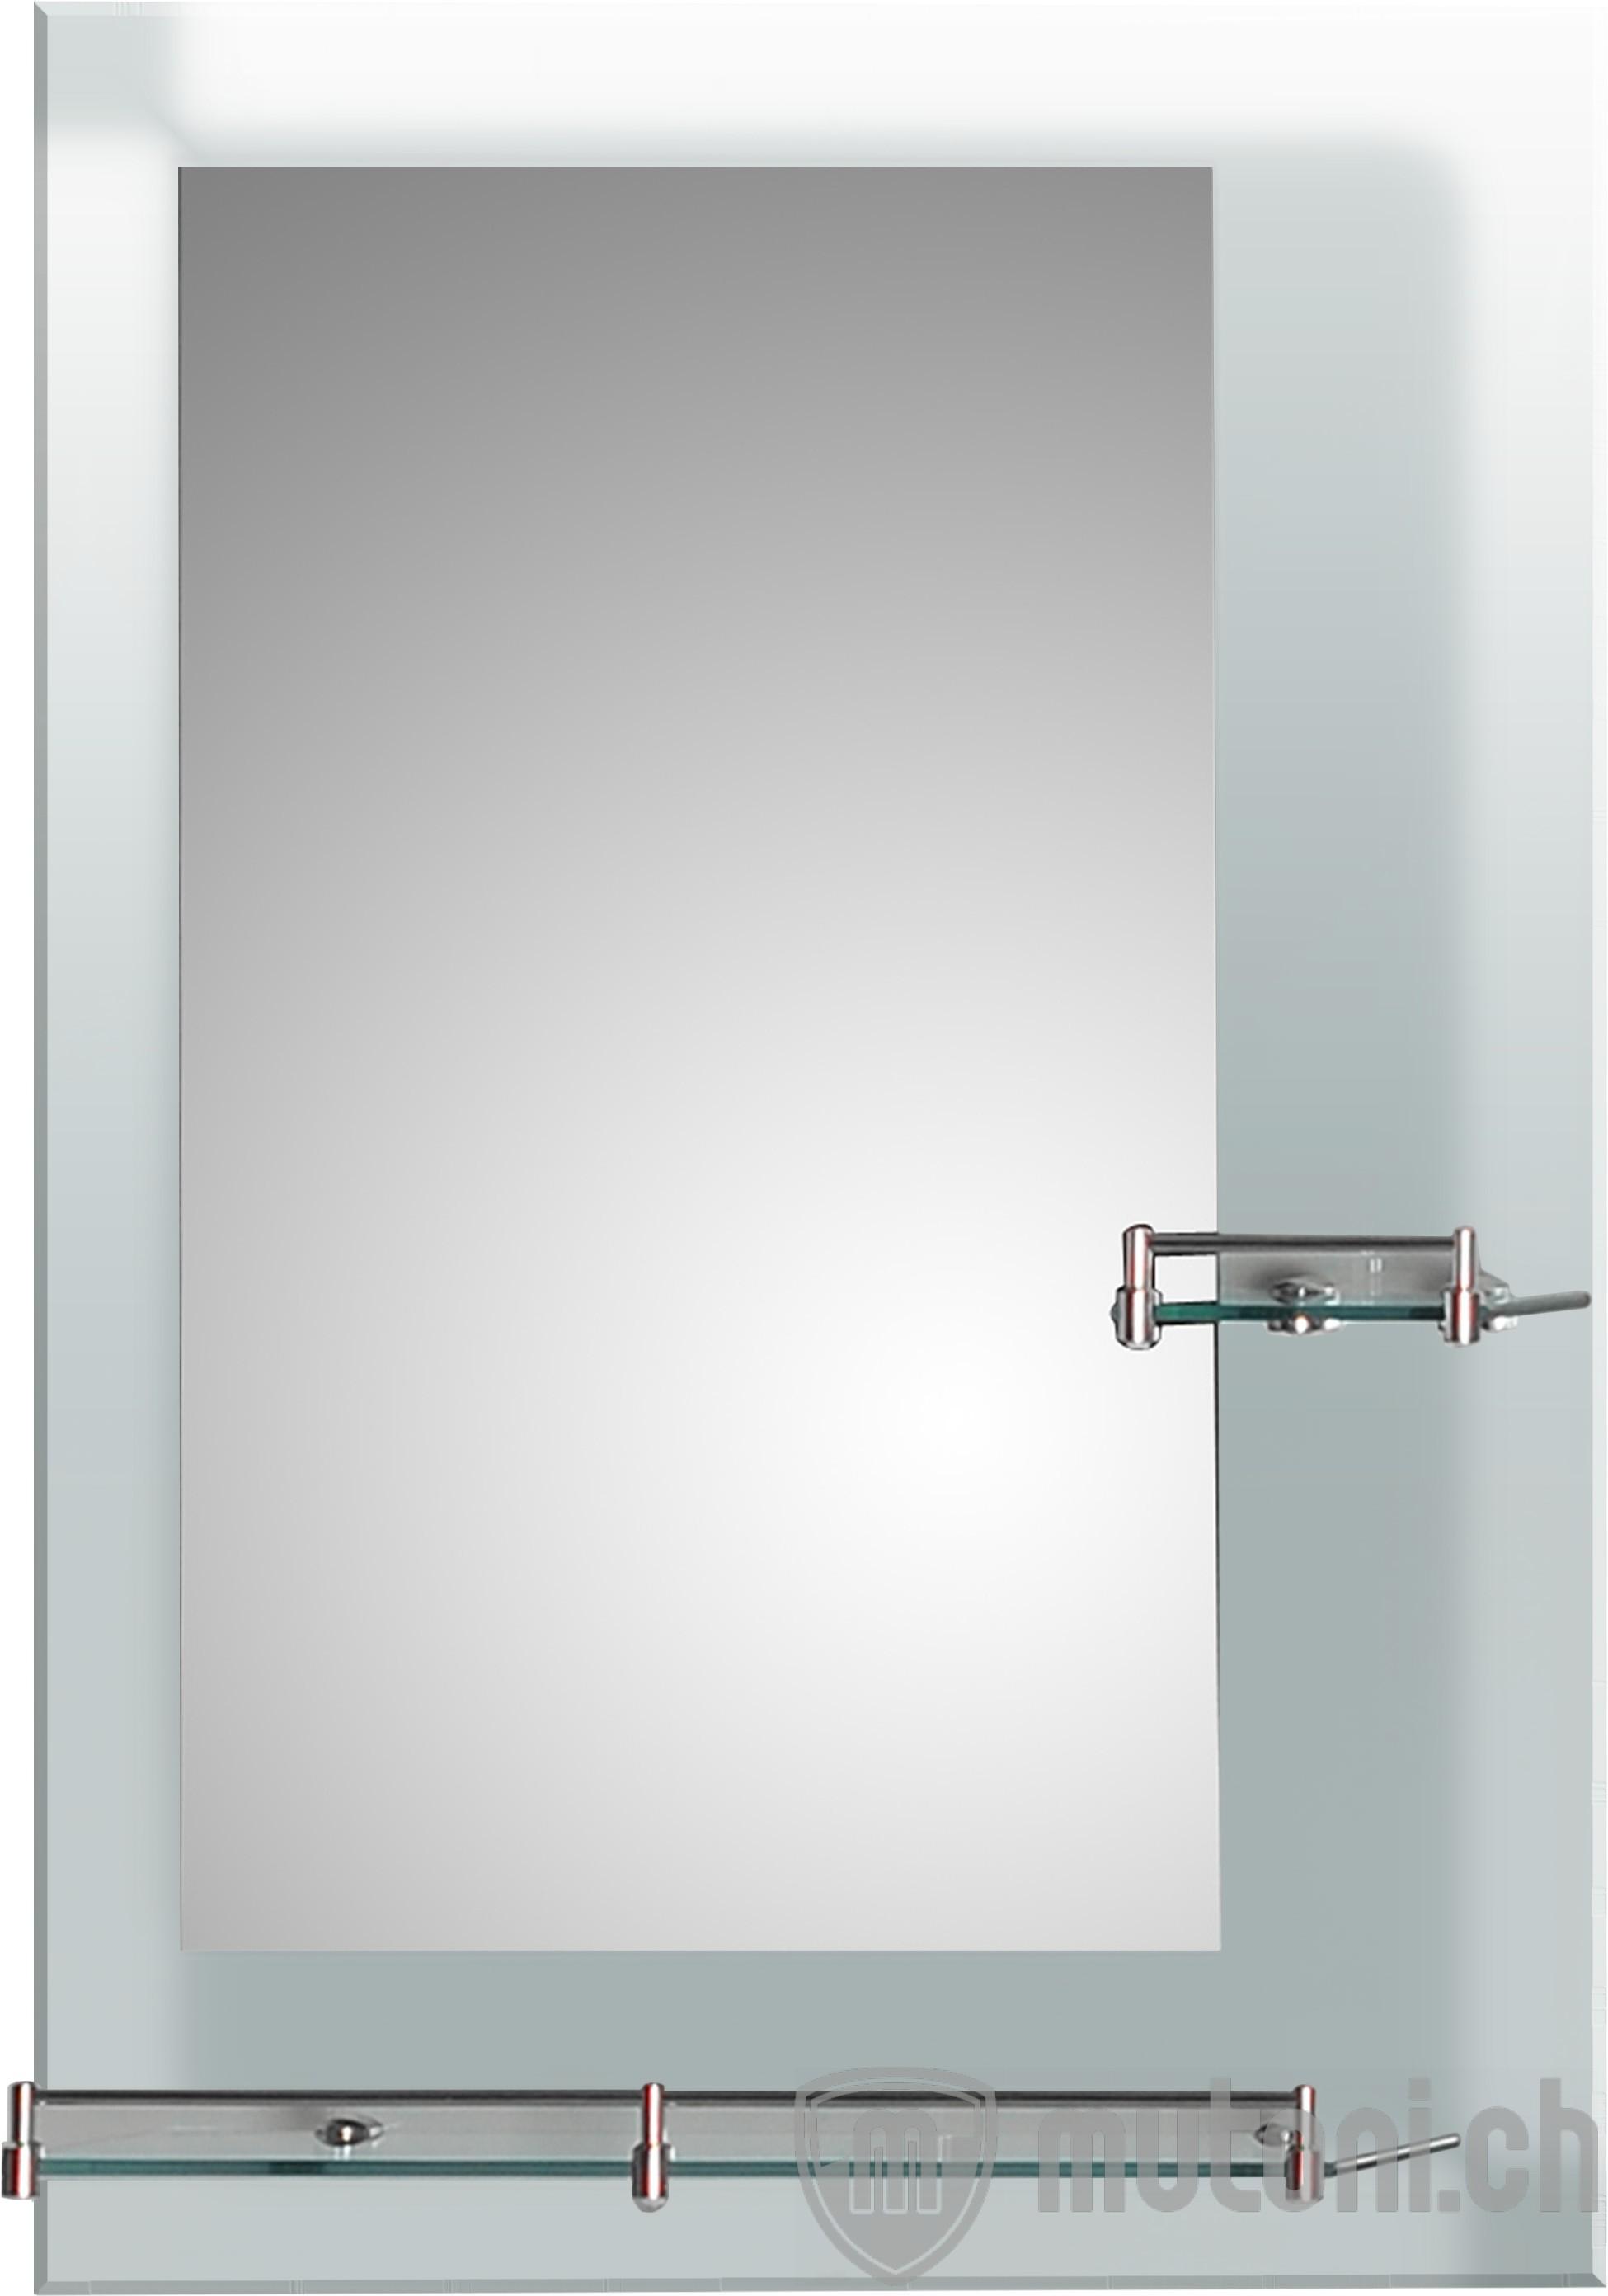 wandspiegel mit 2 ablagen kosmetikspiegel spiegel accessoires mutoni m bel. Black Bedroom Furniture Sets. Home Design Ideas